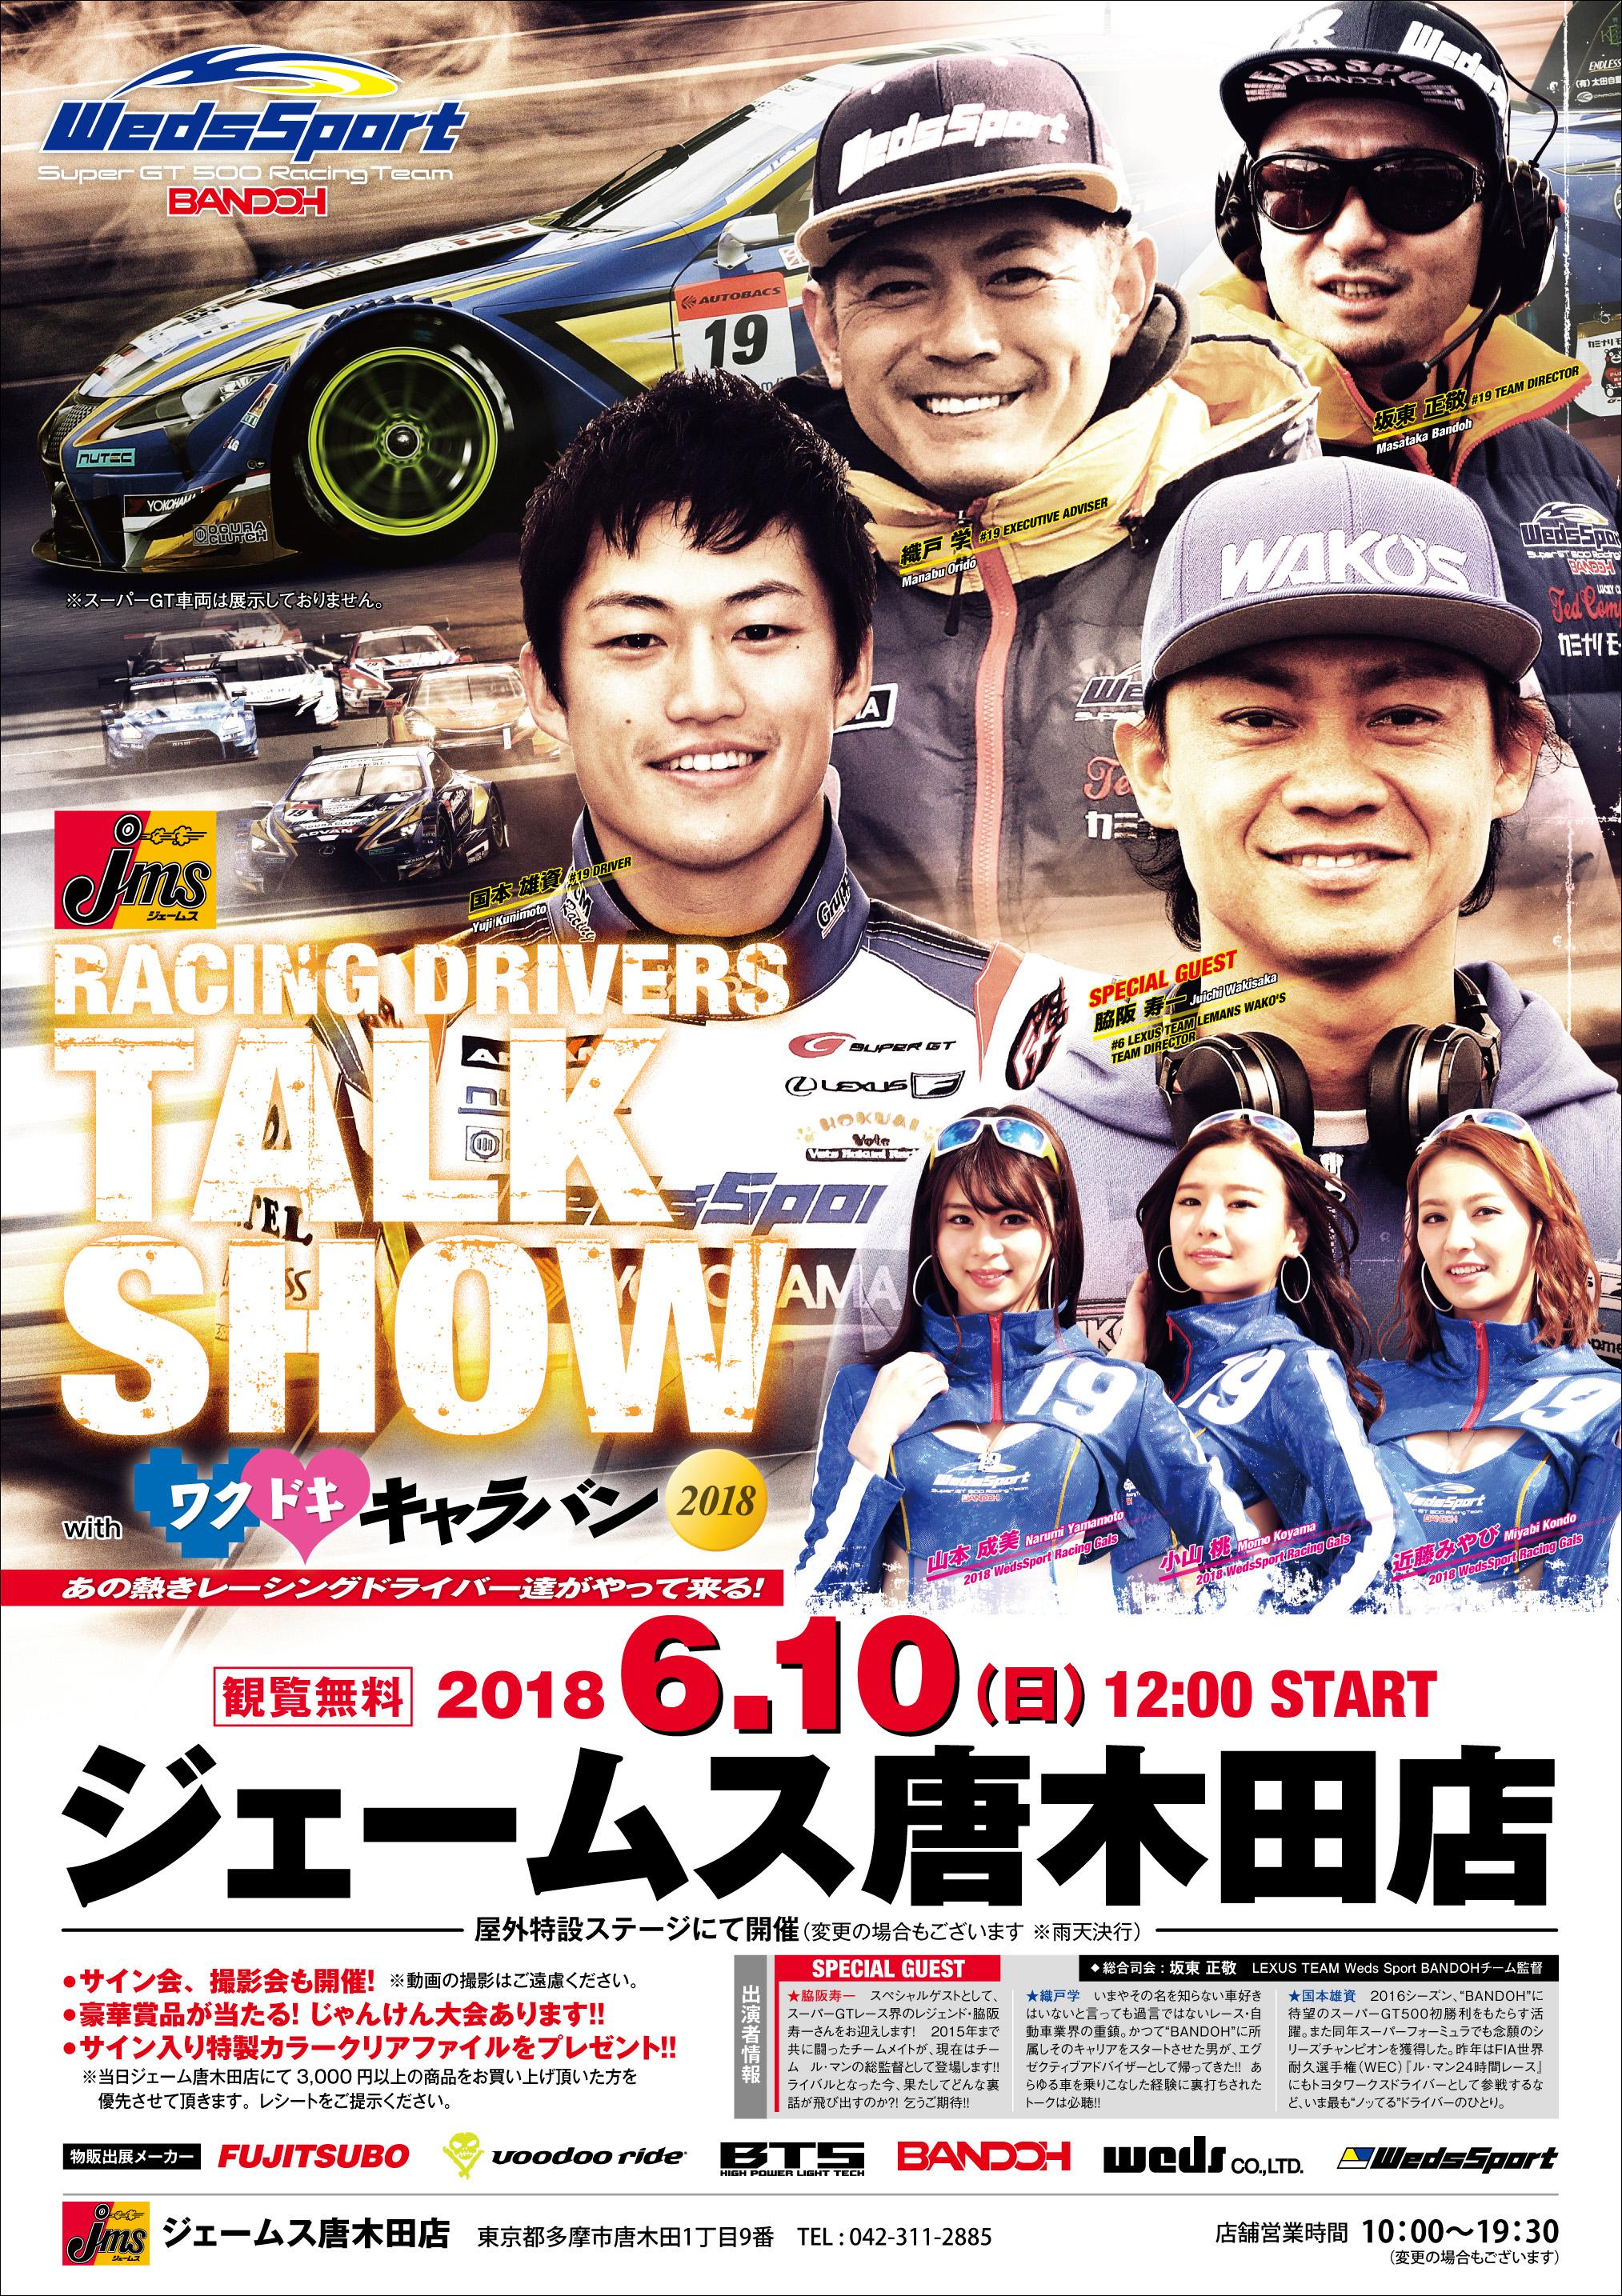 6/10ジェームス唐木田店 Wedsport Presents  DRIVERS TALK SHOW with ジェームス ワクドキキャラバン!